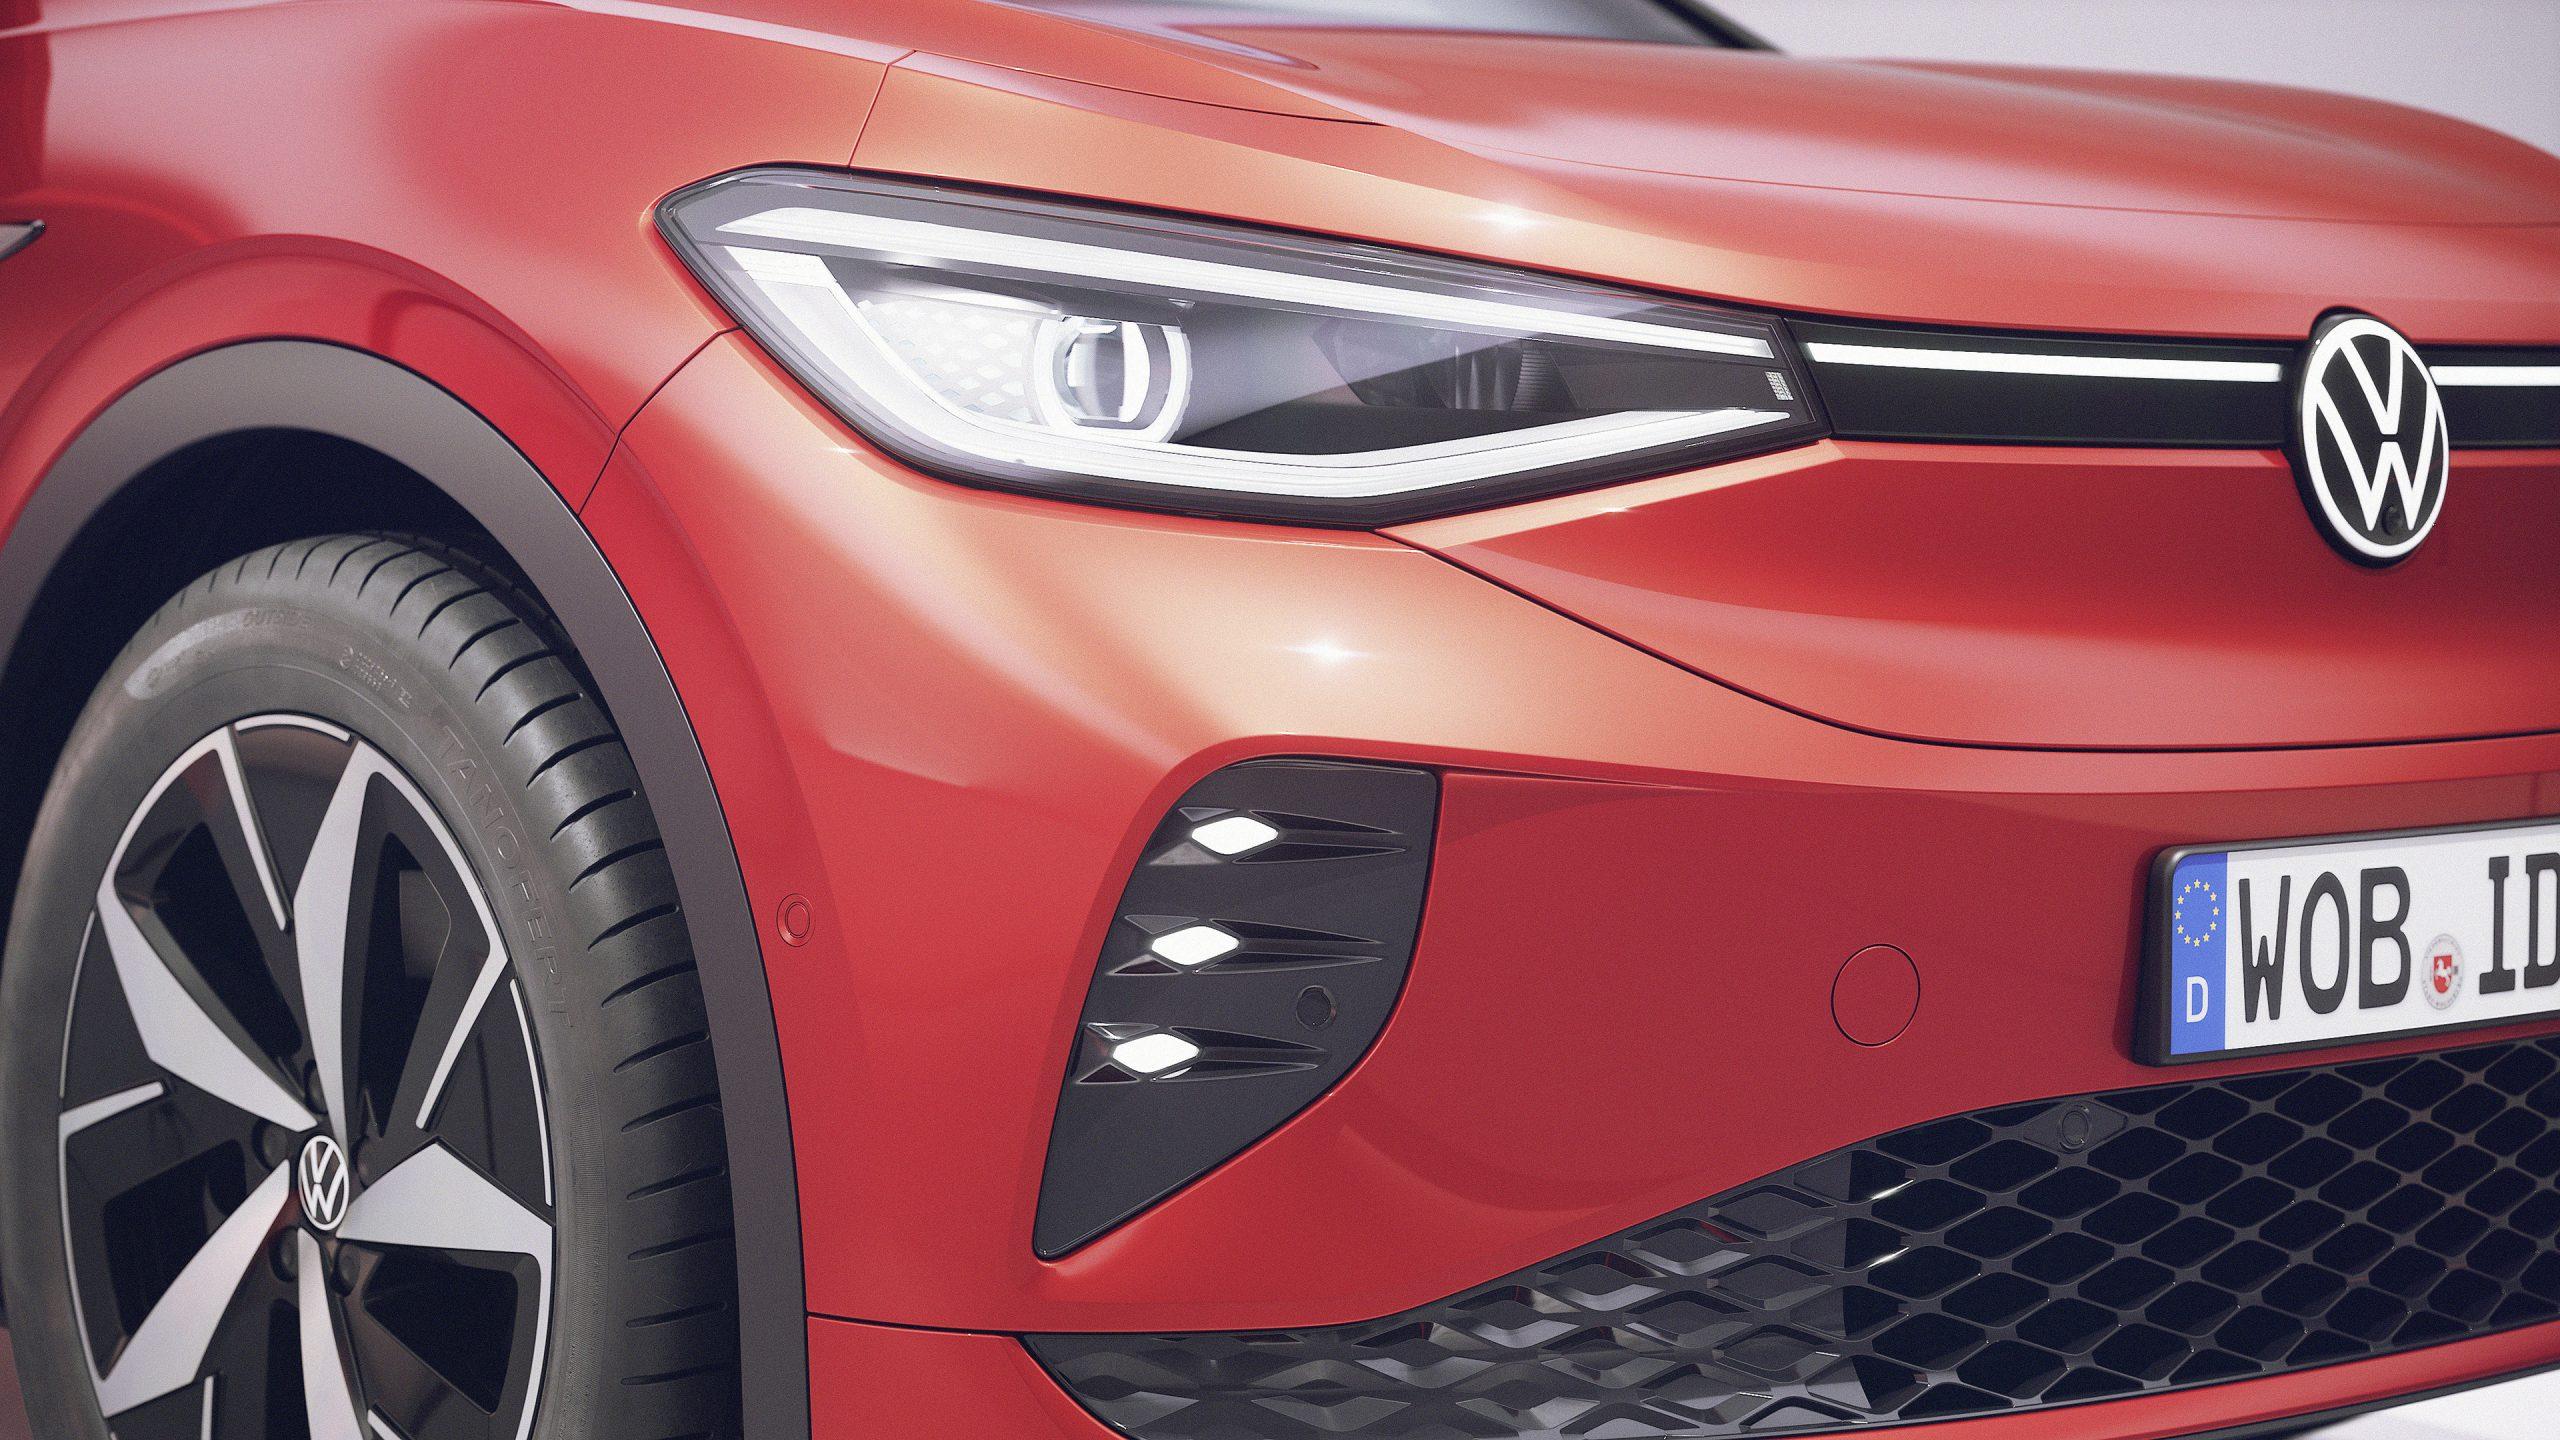 The new Volkswagen ID.4 GTX